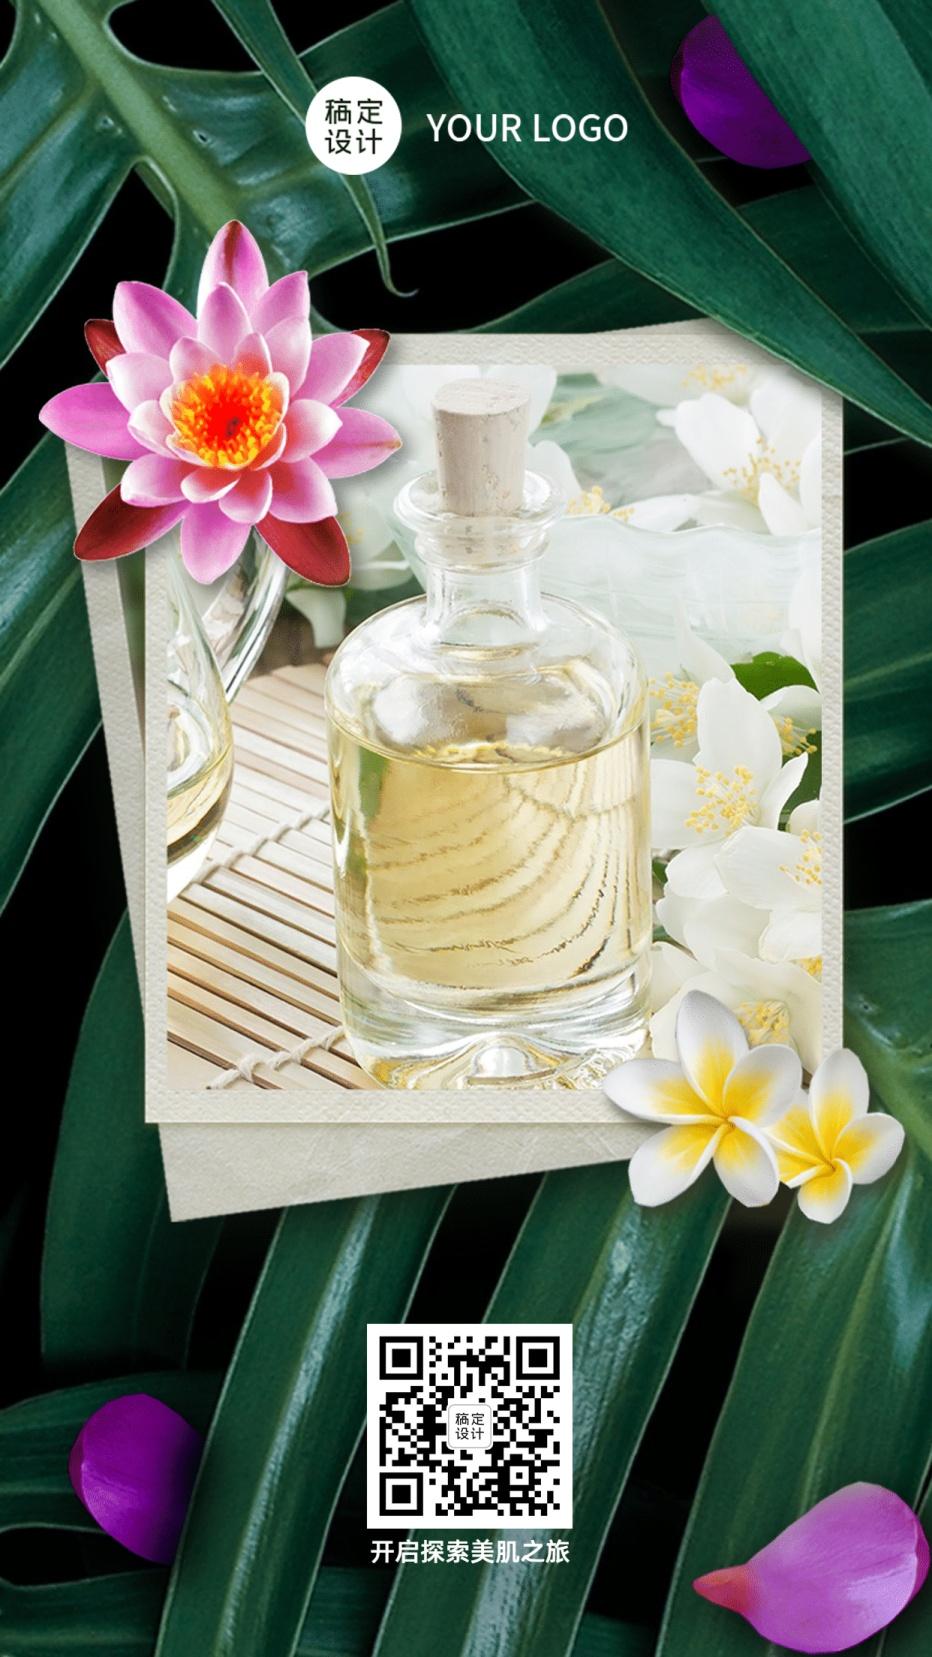 热带产品展示精油护肤花卉植物